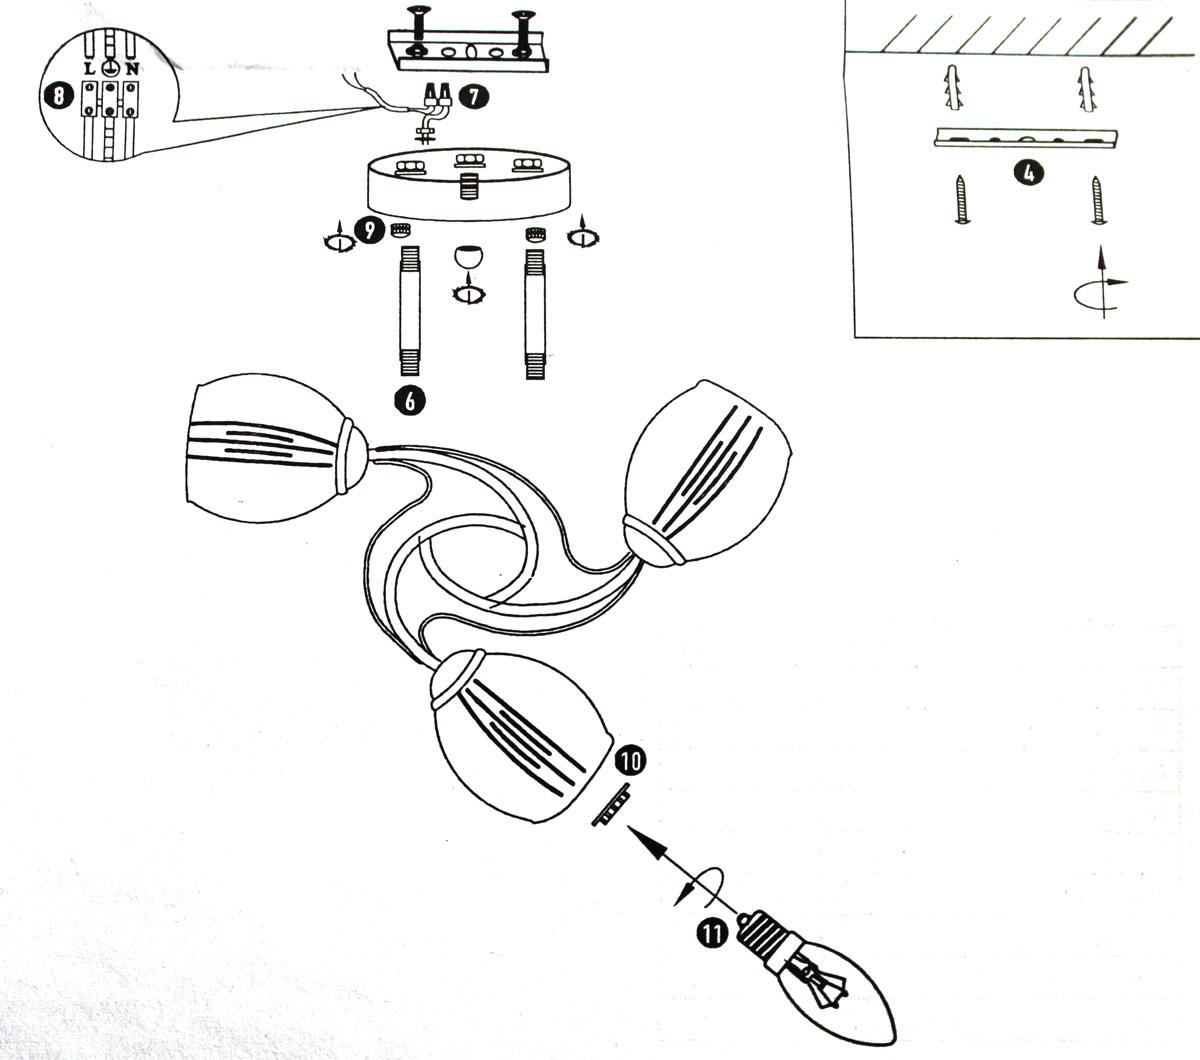 схема подключения люстры к четырем проводам